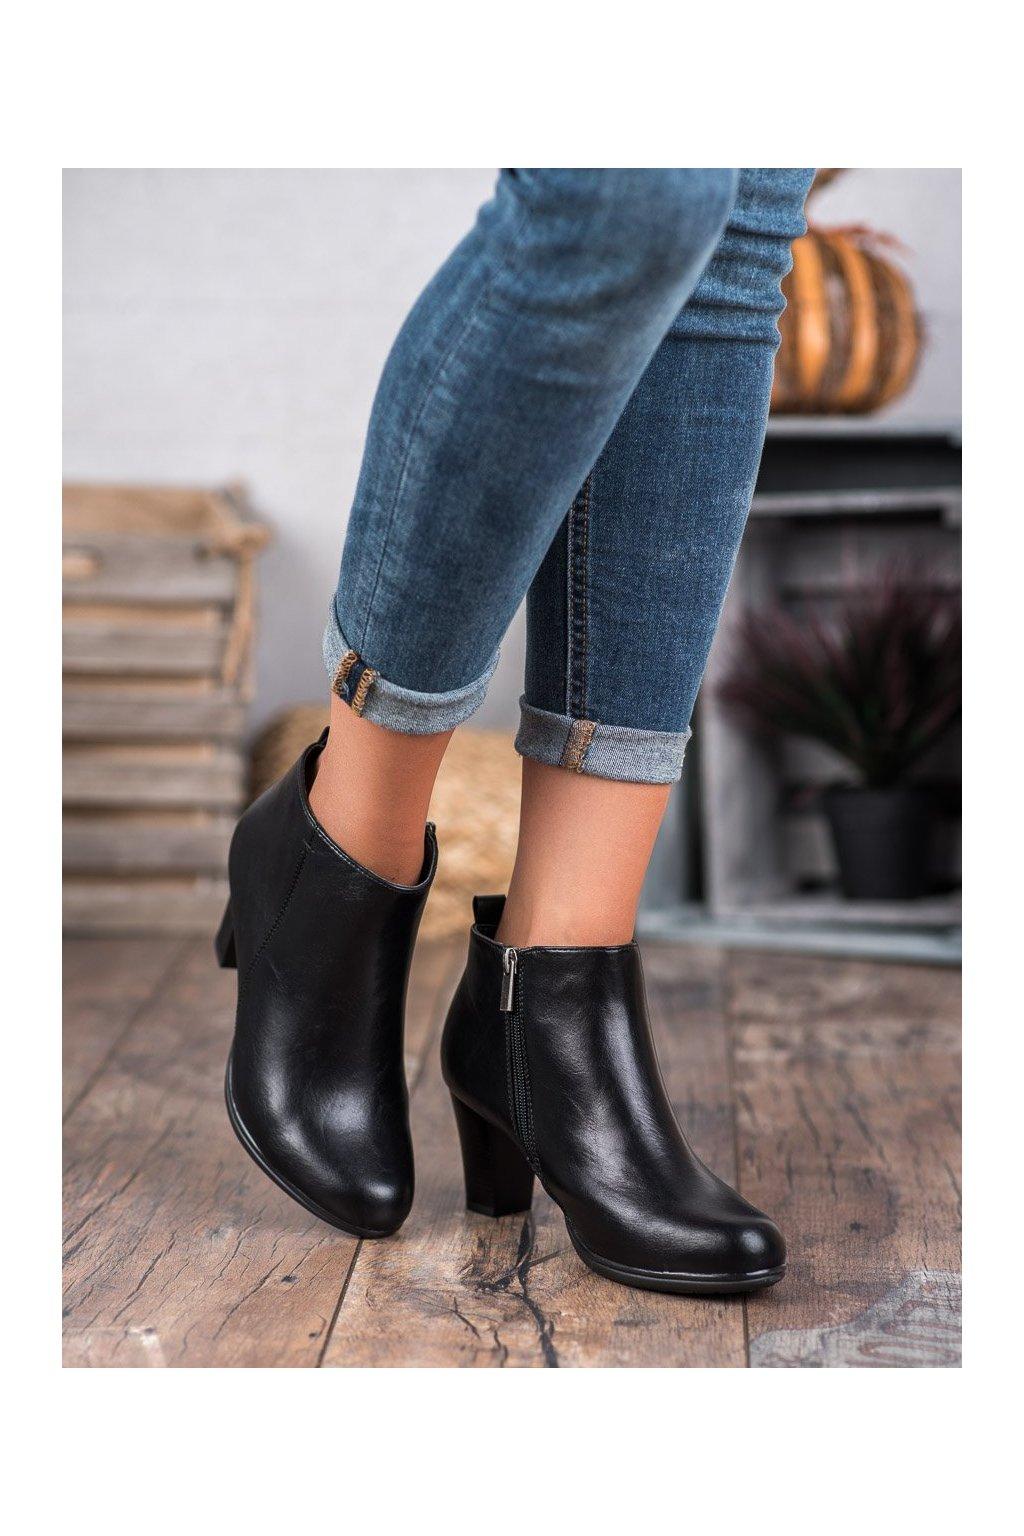 Čierne dámske topánky Vinceza kod XY20-10495B